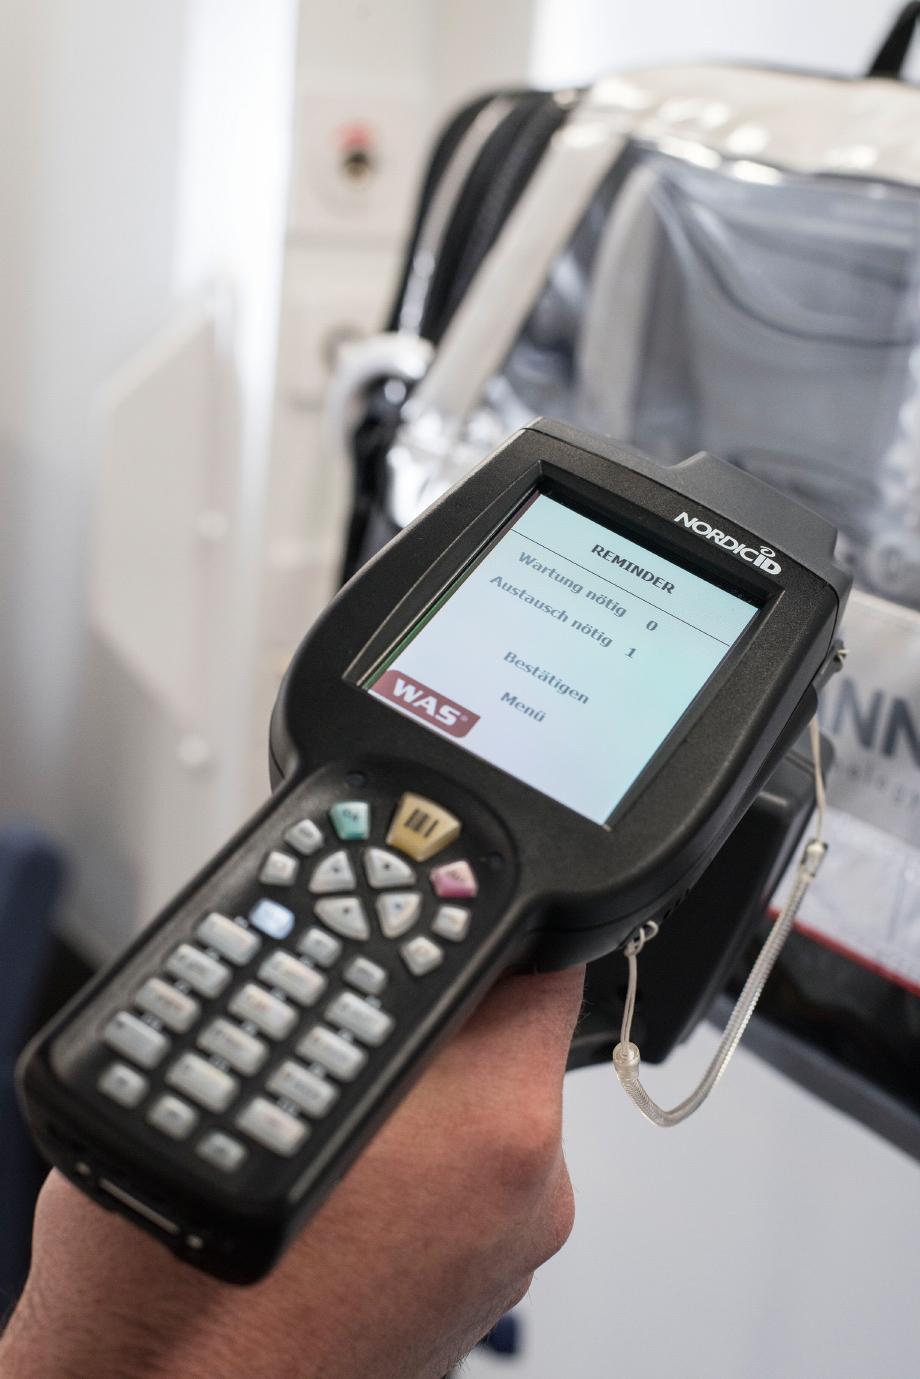 Urgence en direct | Plus de sécurité et de confort pour les secouristes et les ambulanciers avec la technologie WAS Ambulance image 6